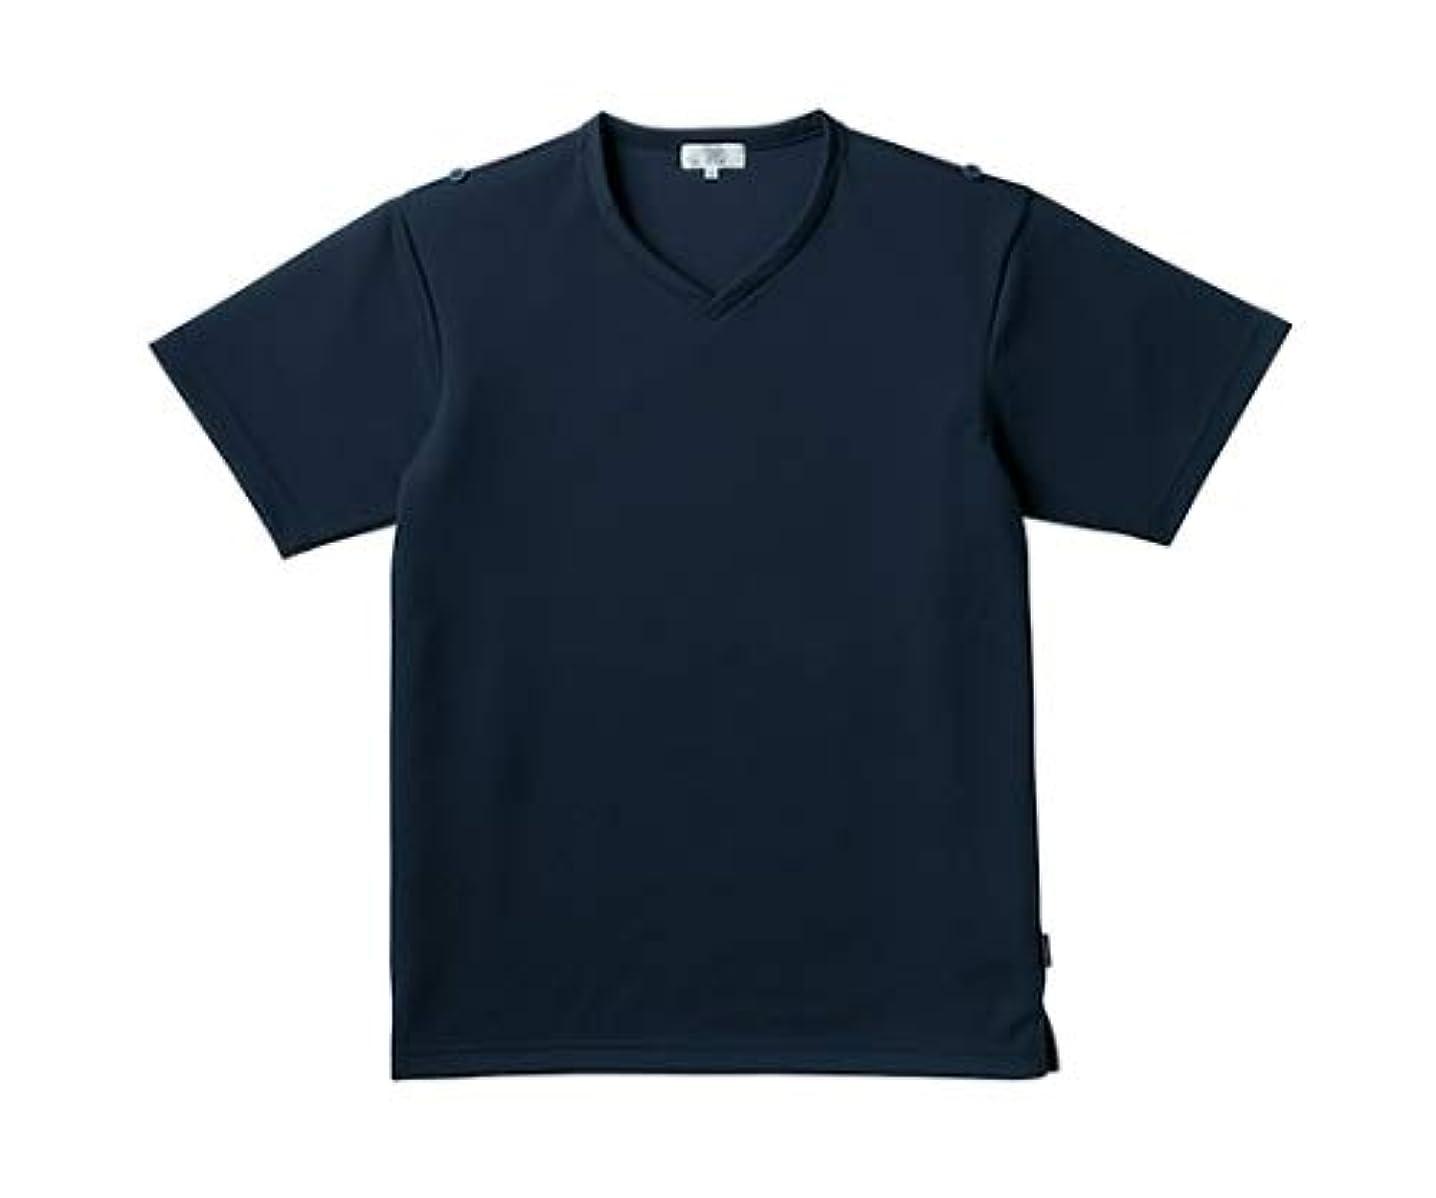 間違えた反応する定常トンボ/KIRAKU 入浴介助用シャツ CR160 M ネイビー